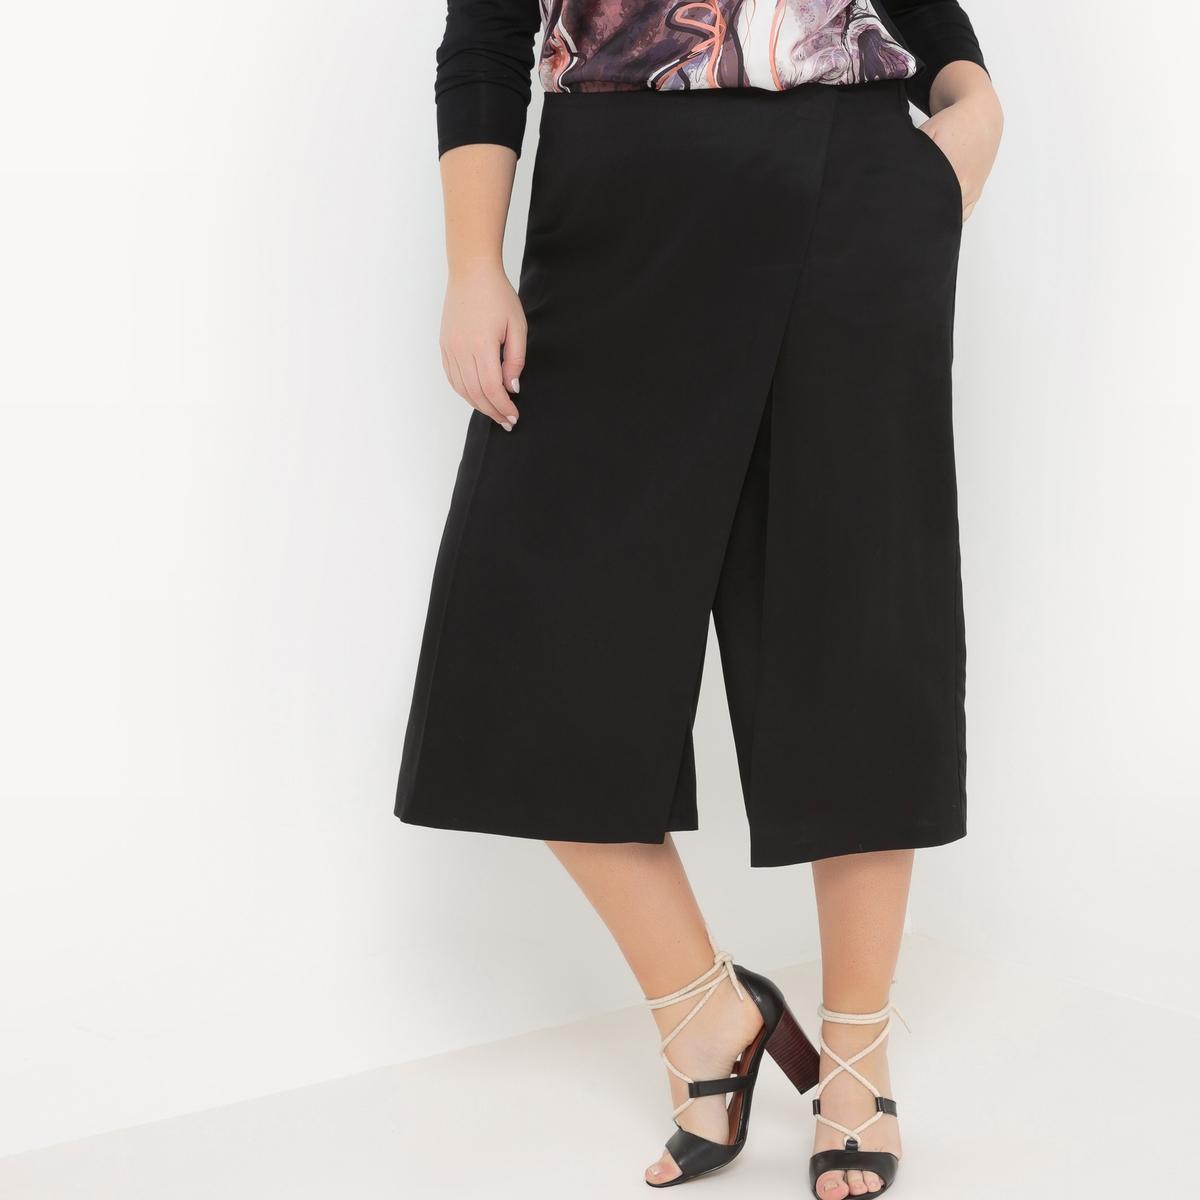 Юбка-брюкиЮбка-брюки Mellem из тенсела, вставка спереди для имитации юбки. Эластичный пояс, регулируемый сзади. 100% вискоза<br><br>Цвет: черный<br>Размер: 48 (FR) - 54 (RUS)